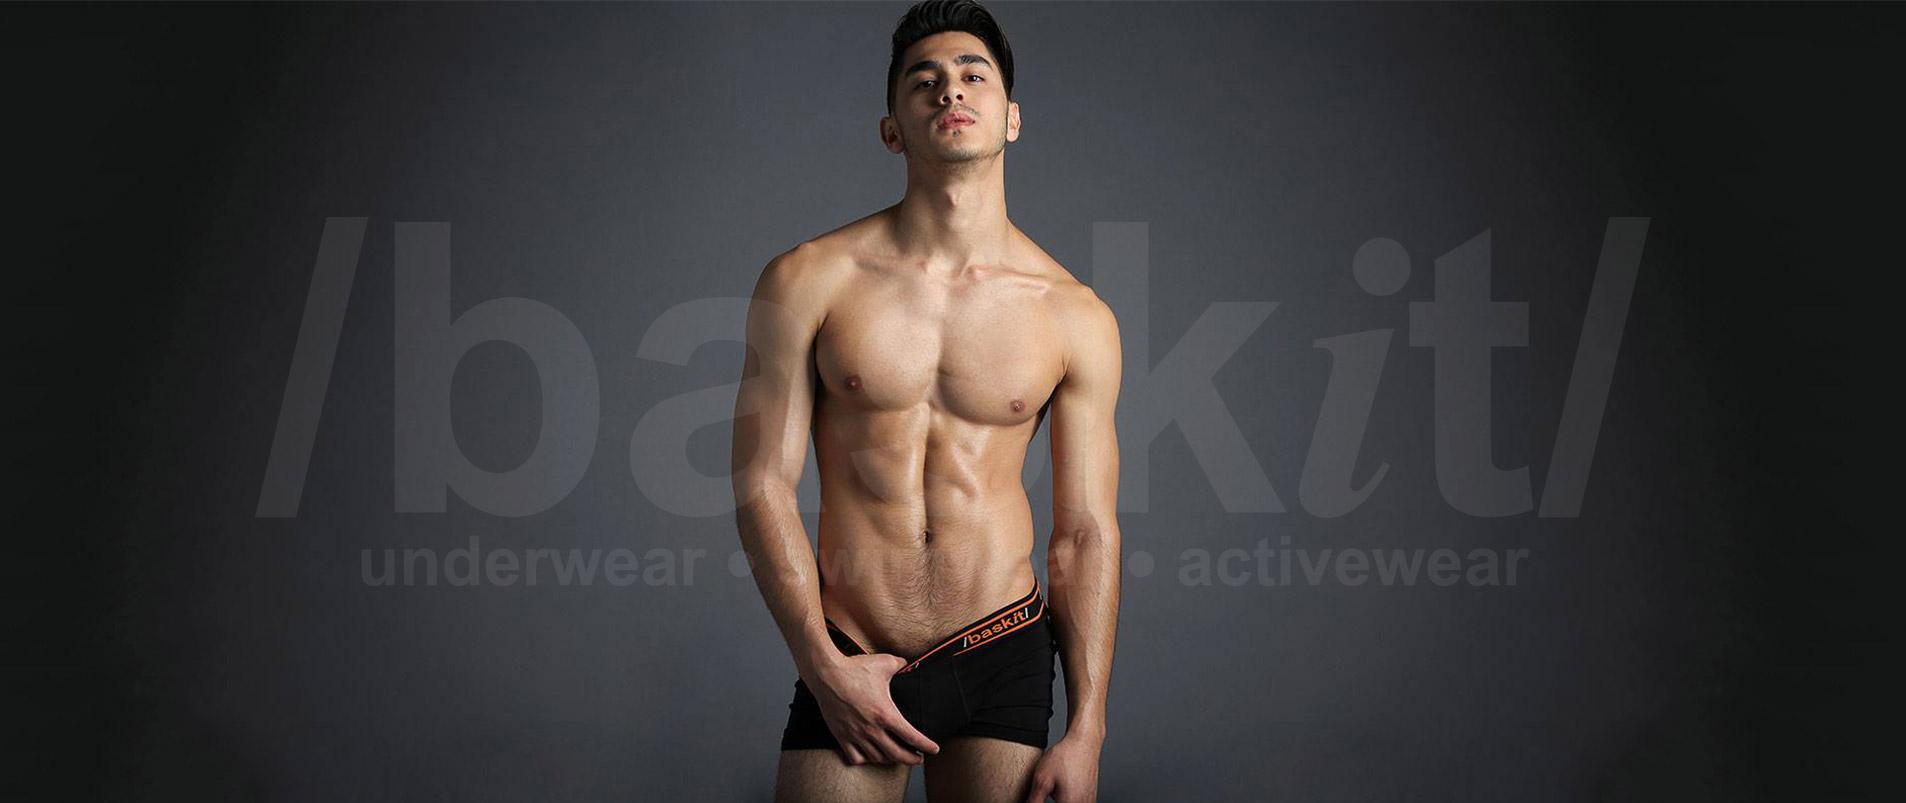 model wearing baskit underwear